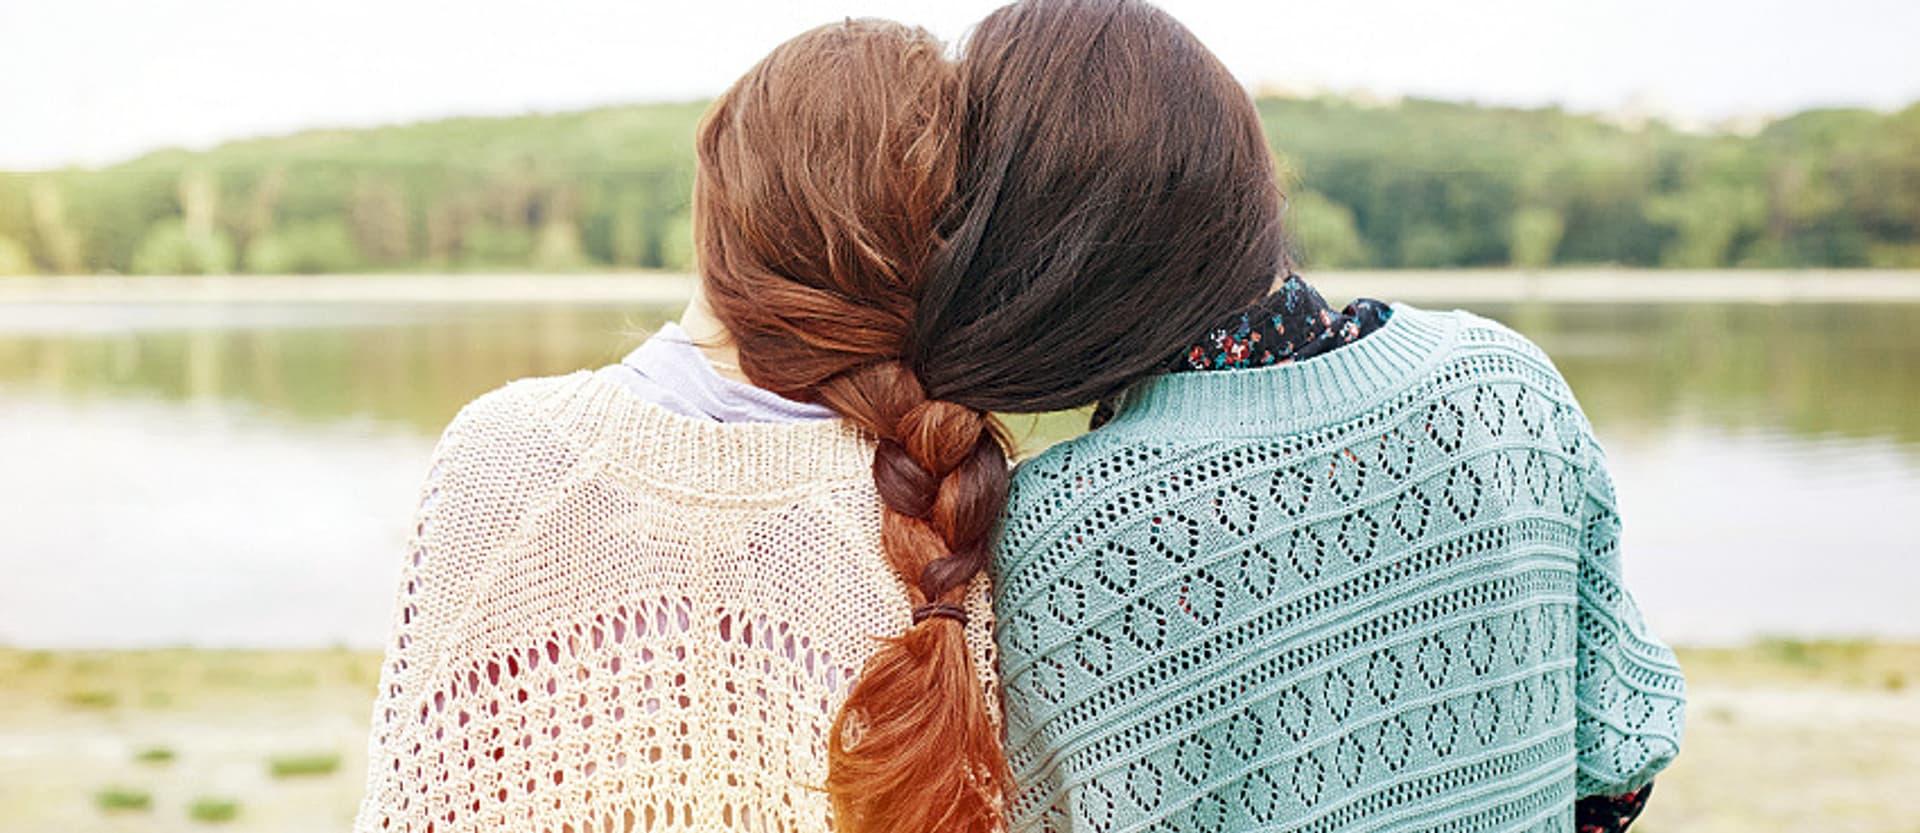 Zwei Schwestern mit zusammengeflochtenem Haar, schauen zu einem See.